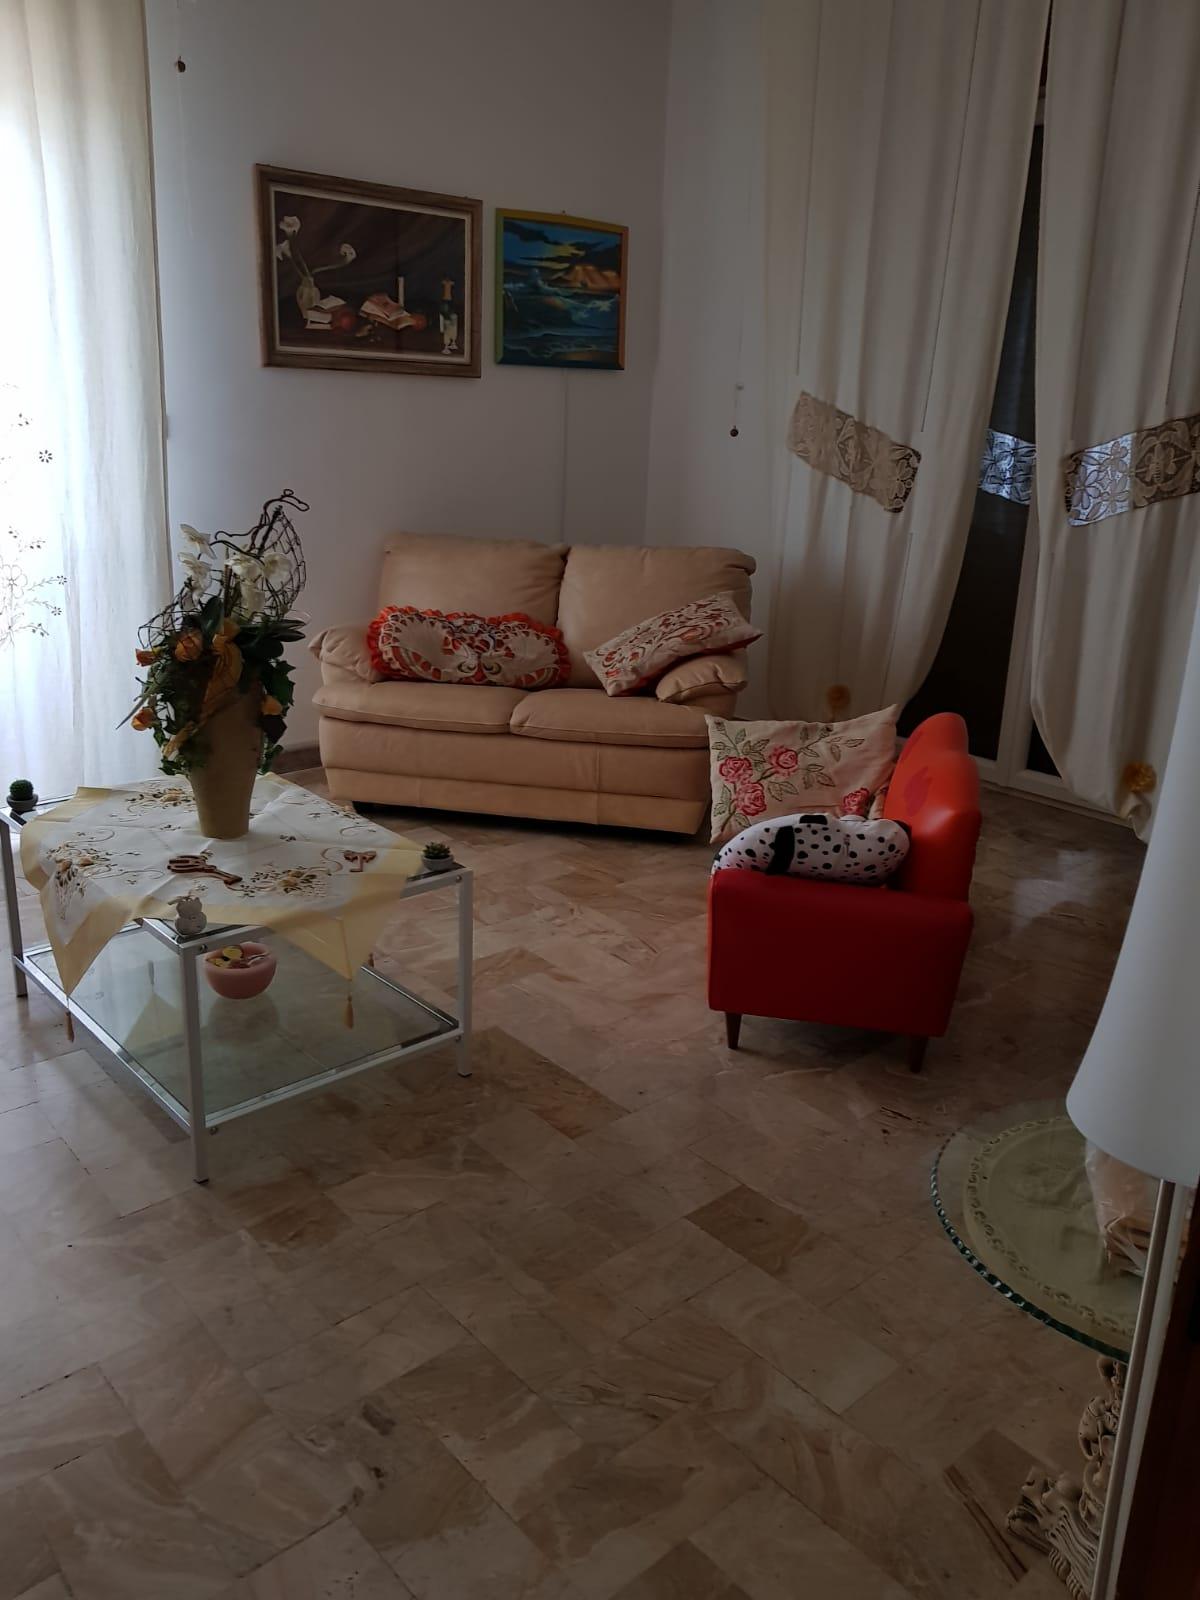 Appartamento bellissimo con vista panoramica in ottima zona ( Taviano )